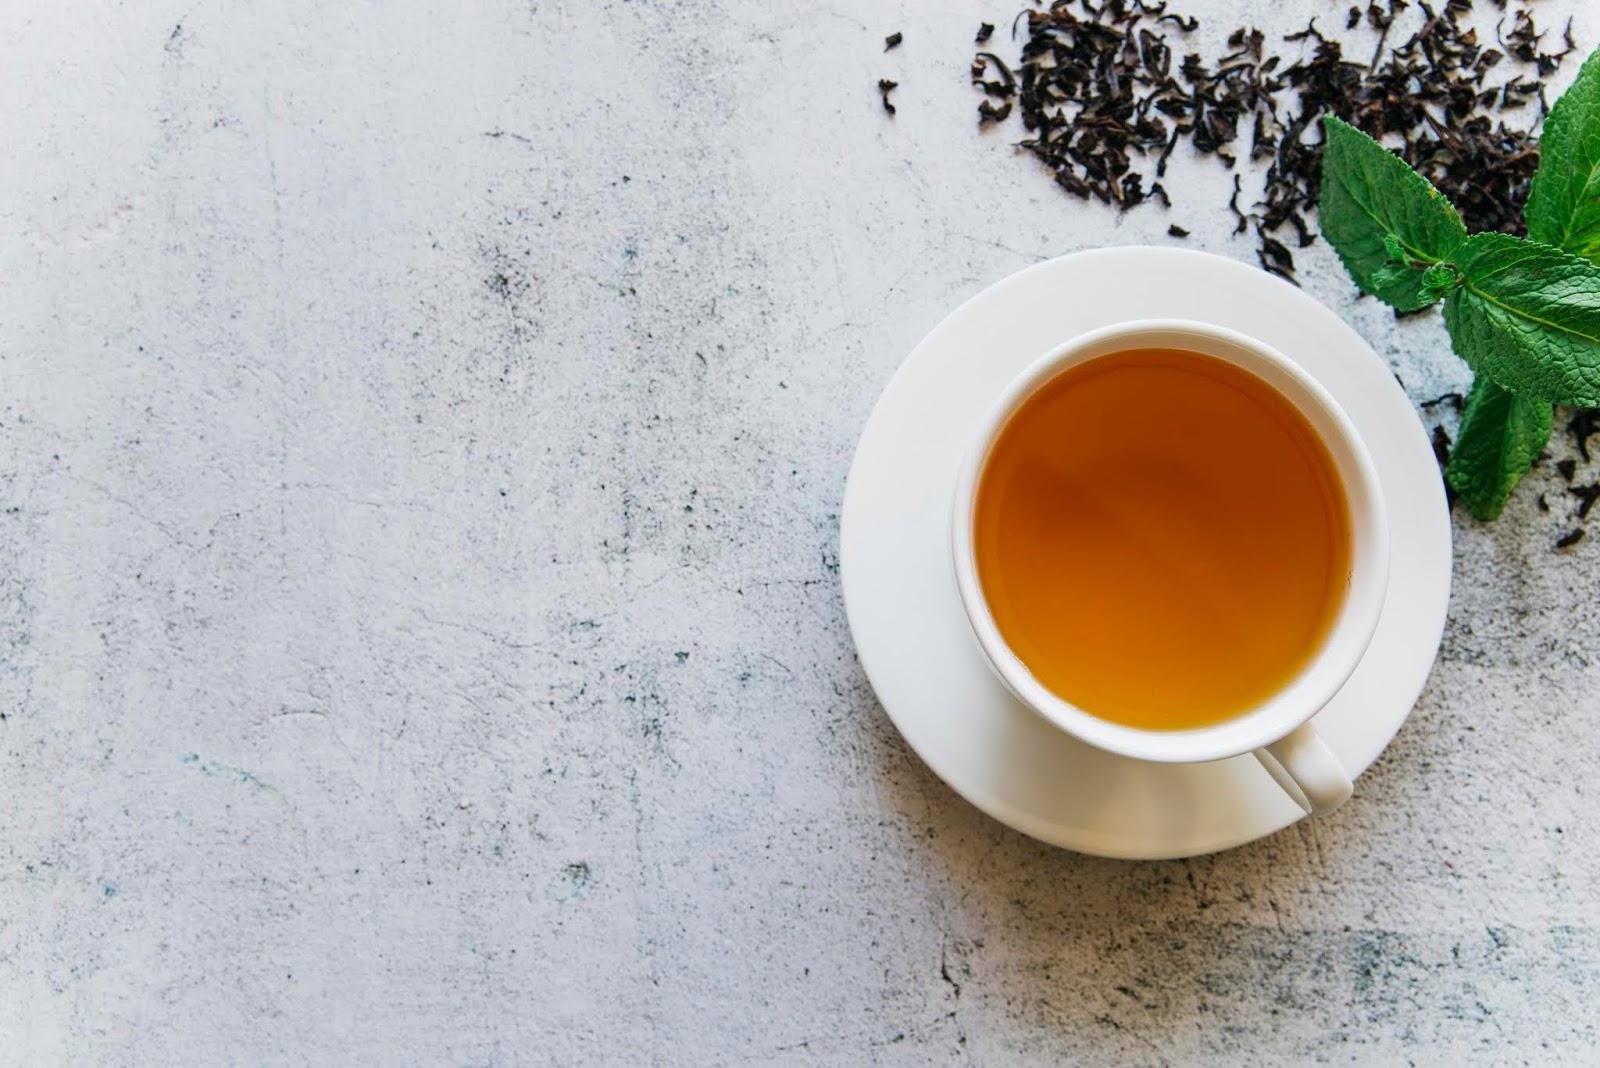 فوائد و اضرار الشاى الخضر - الطريقه الصحيحه لتحضير الشاى الاخضر - الشاى الصينى